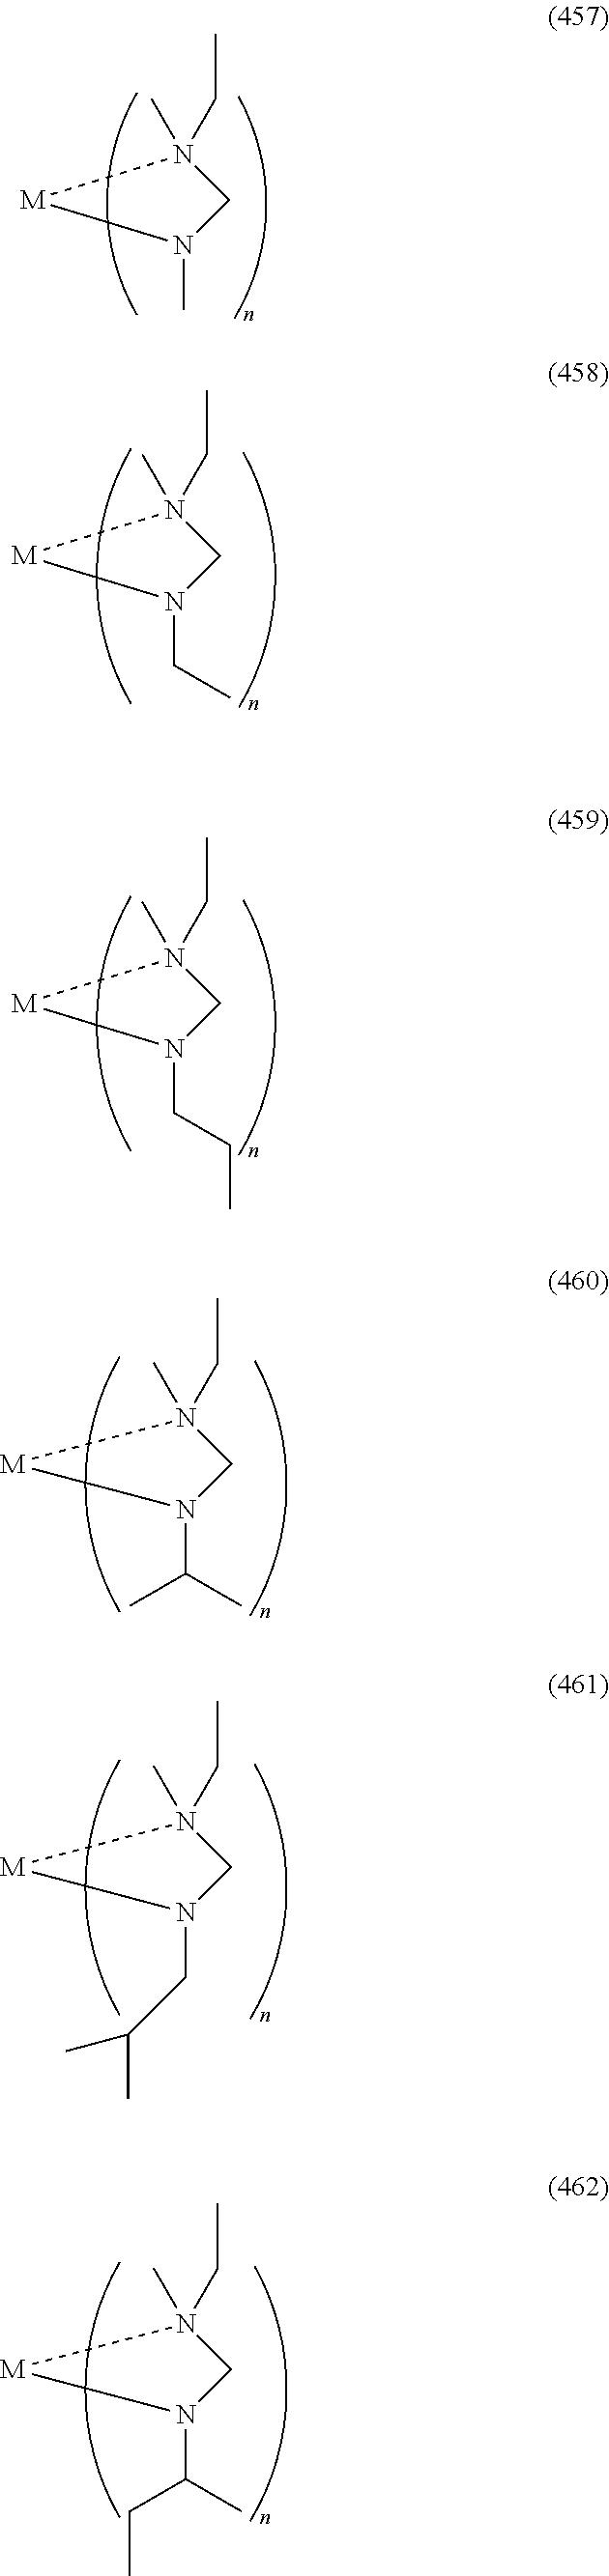 Figure US08871304-20141028-C00085